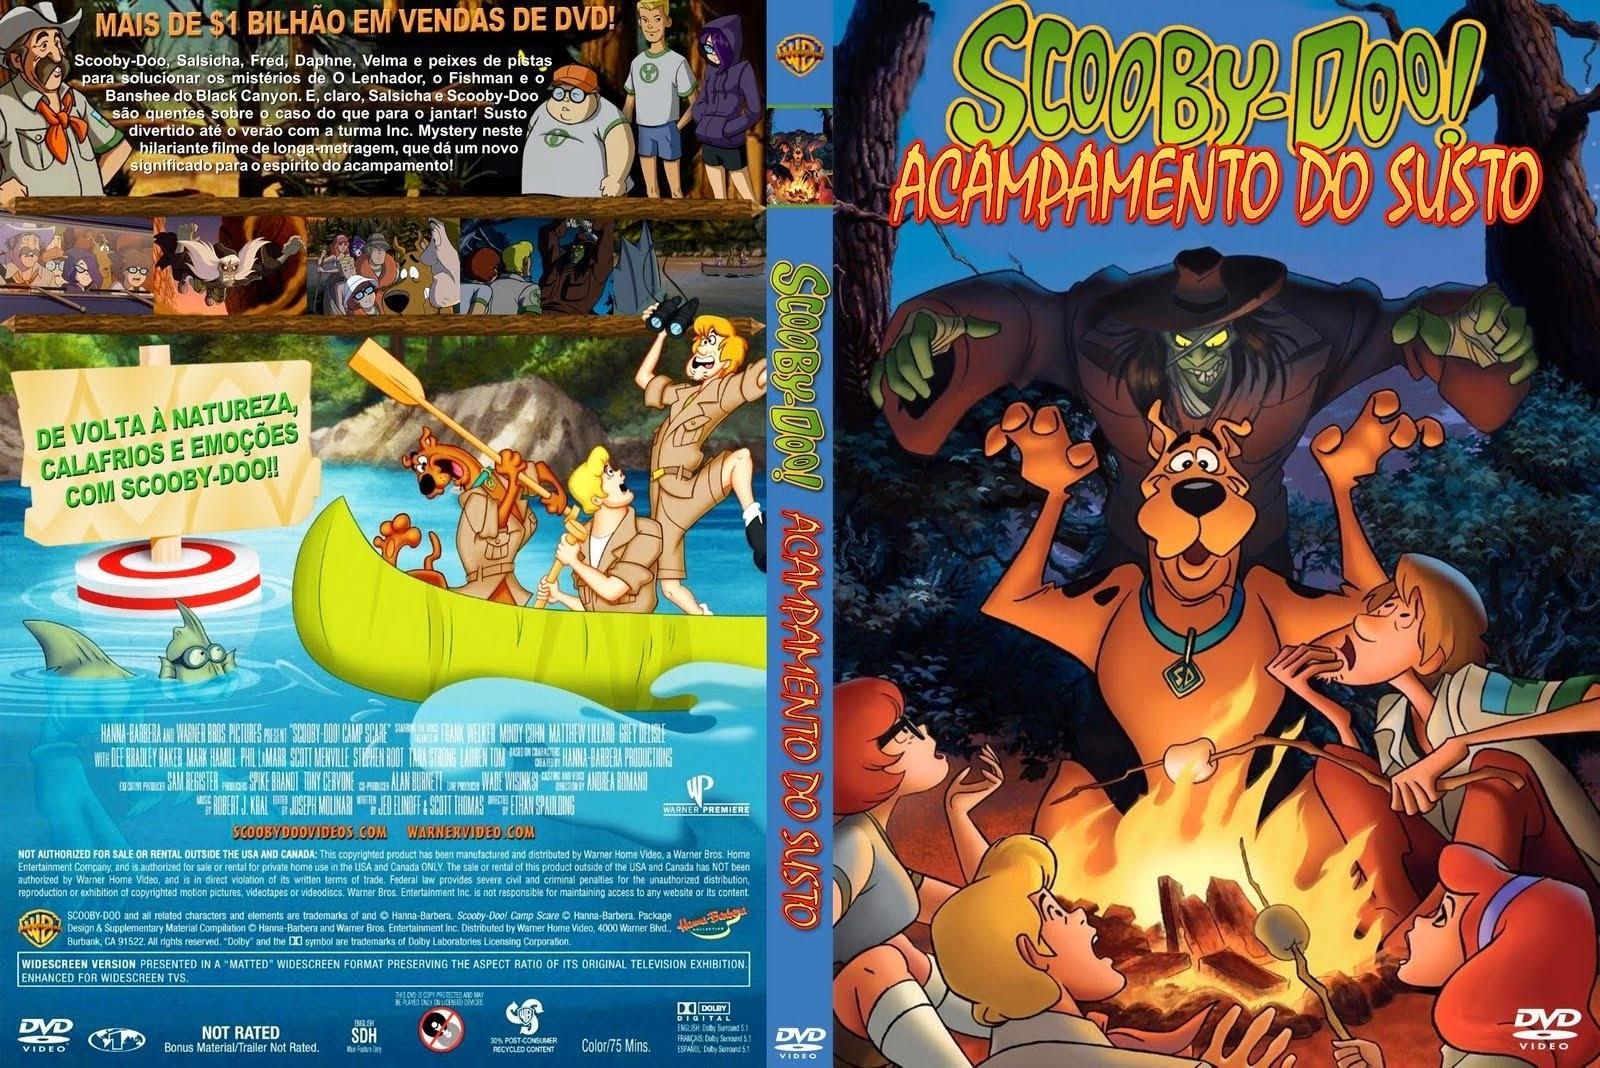 Scooby-Doo Acampamento do Susto